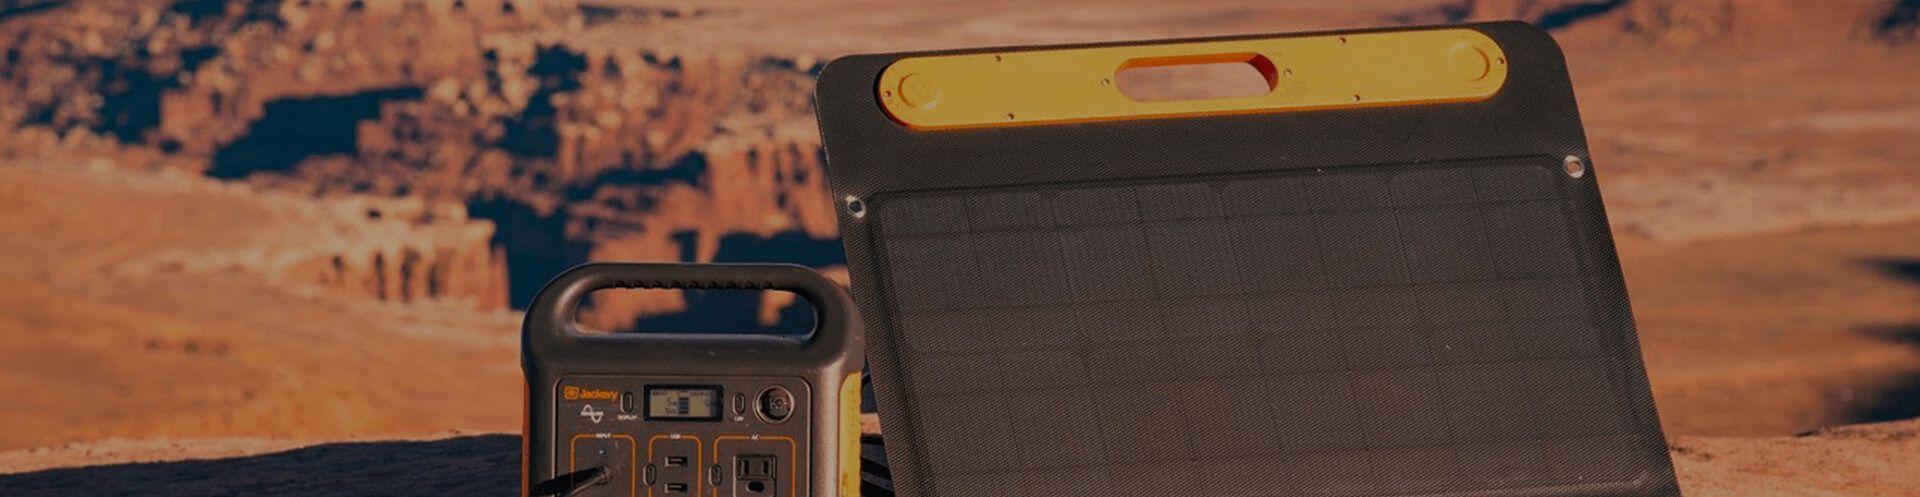 Fotografie solární panelu Jackery